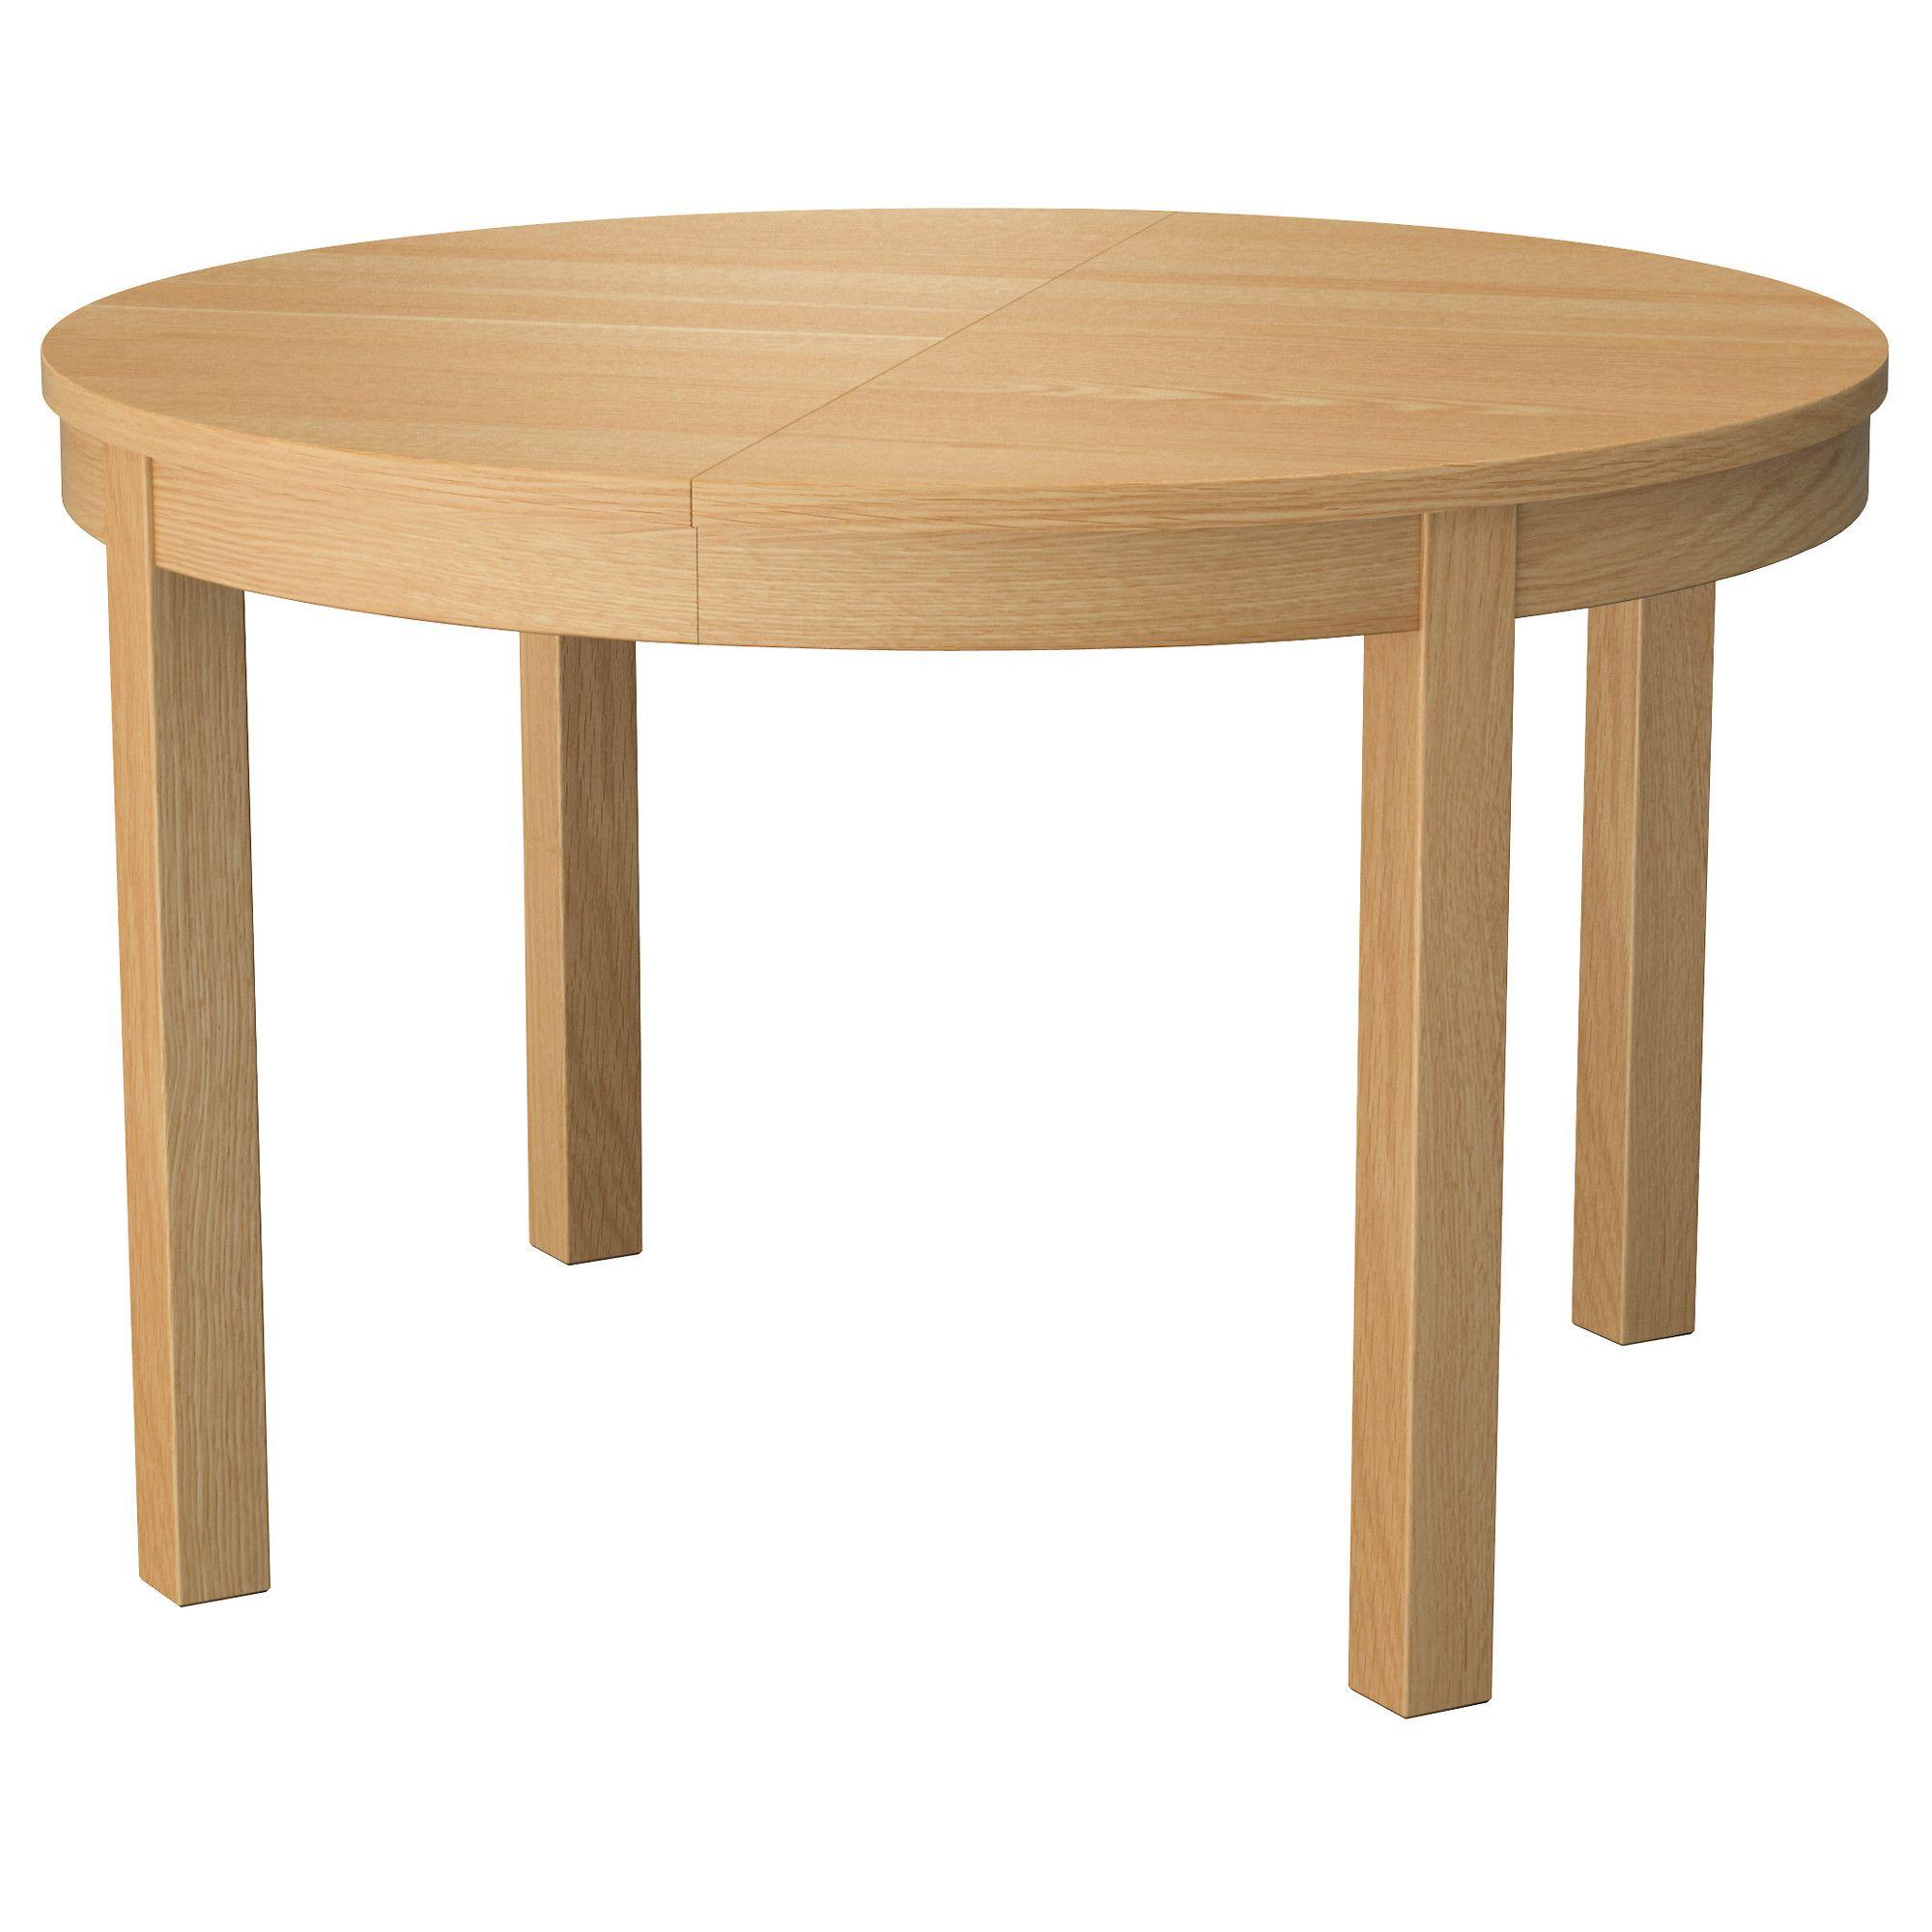 Table Ronde Ikea Bjursta - Test 3 dedans Luckytroll Ikea